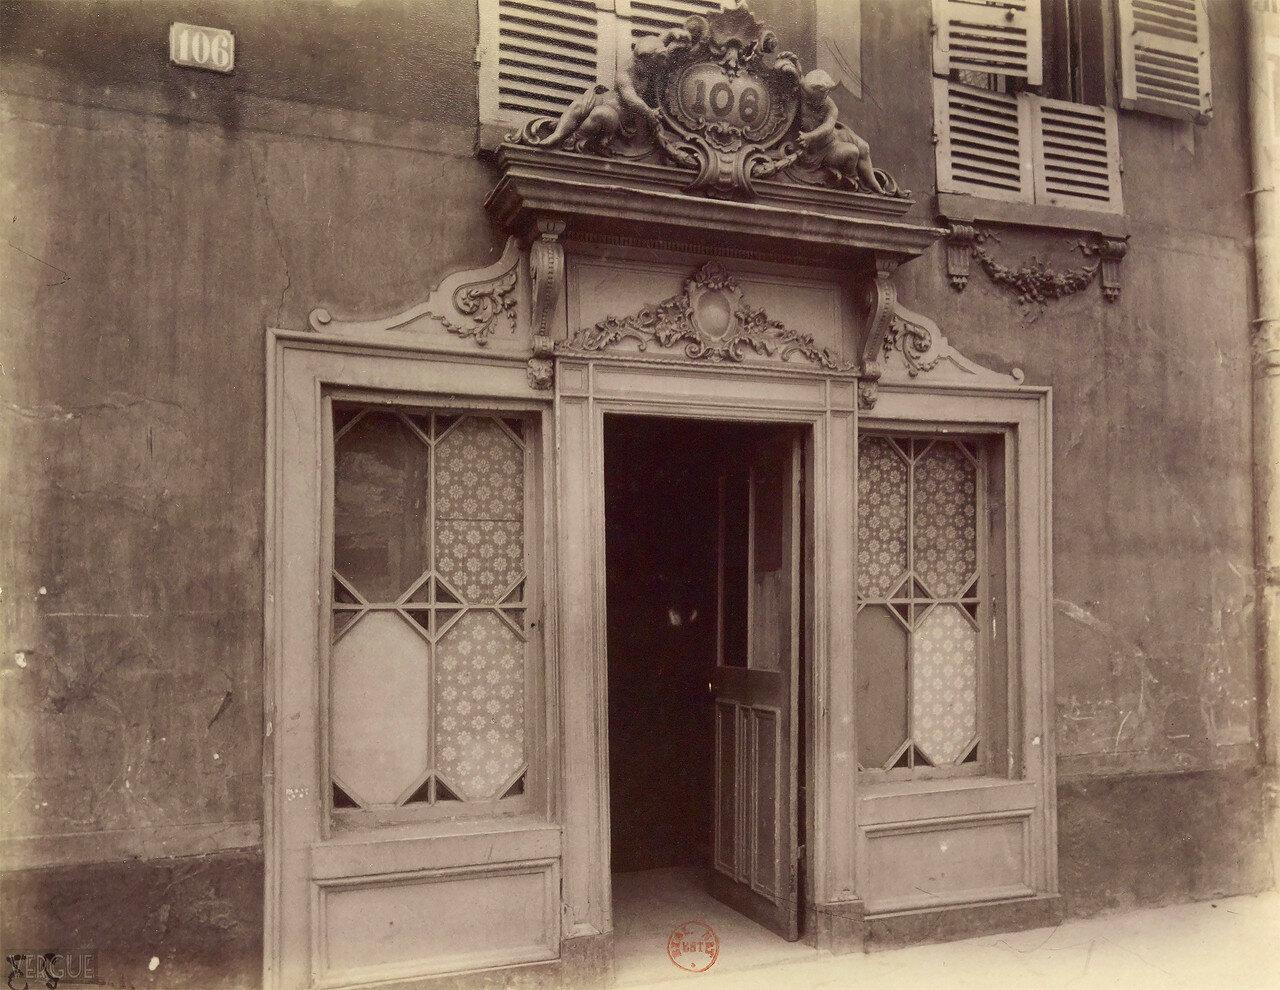 1910. Вход в бордель, авеню Сюффран, 106